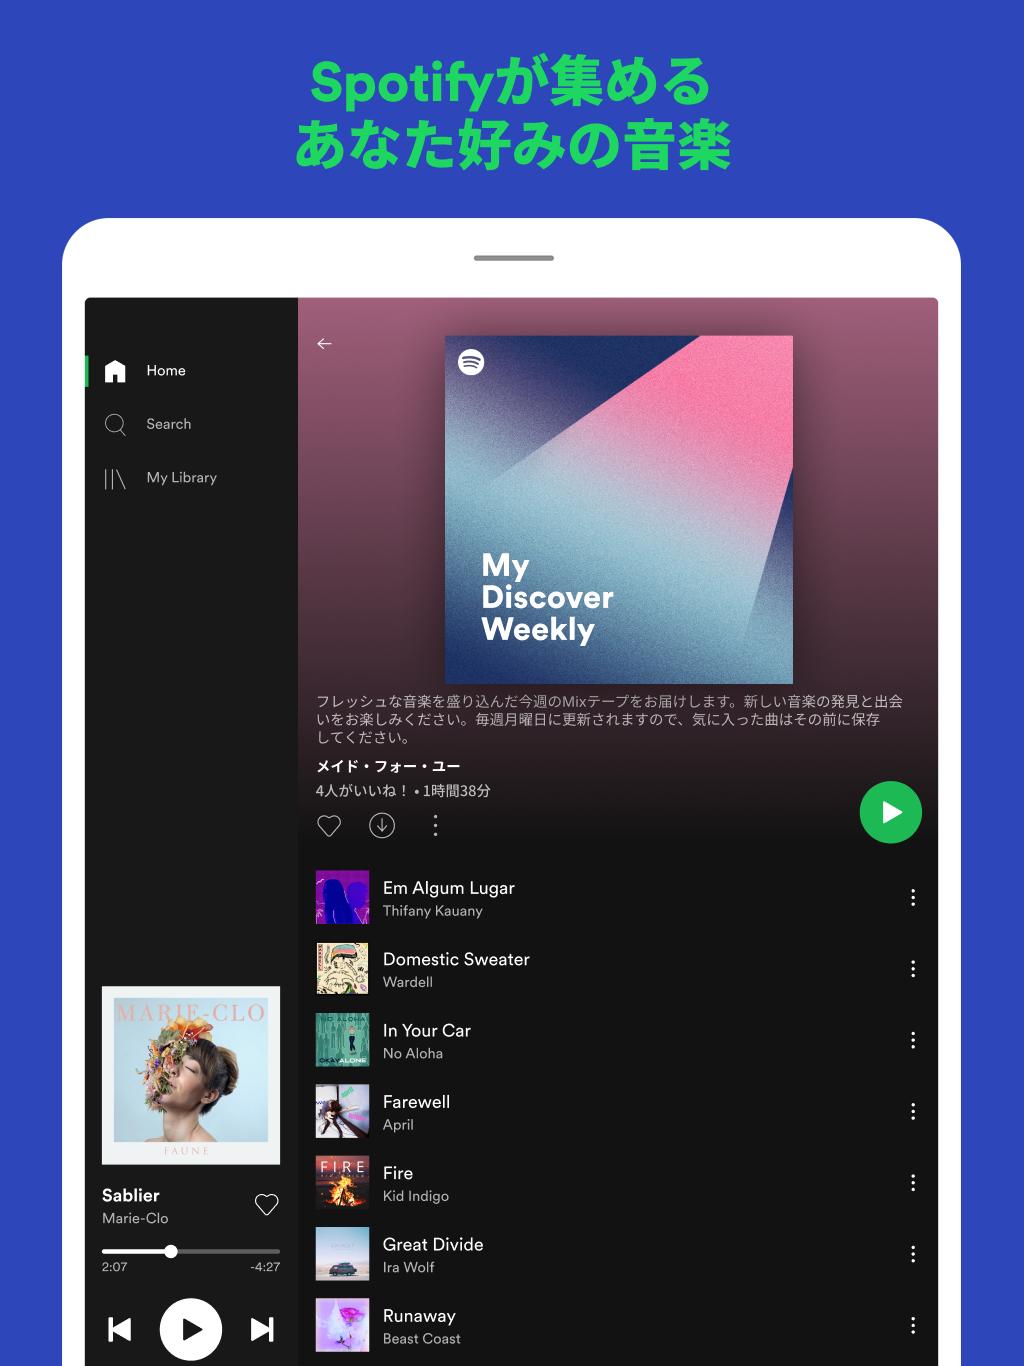 spotify apk ダウンロード